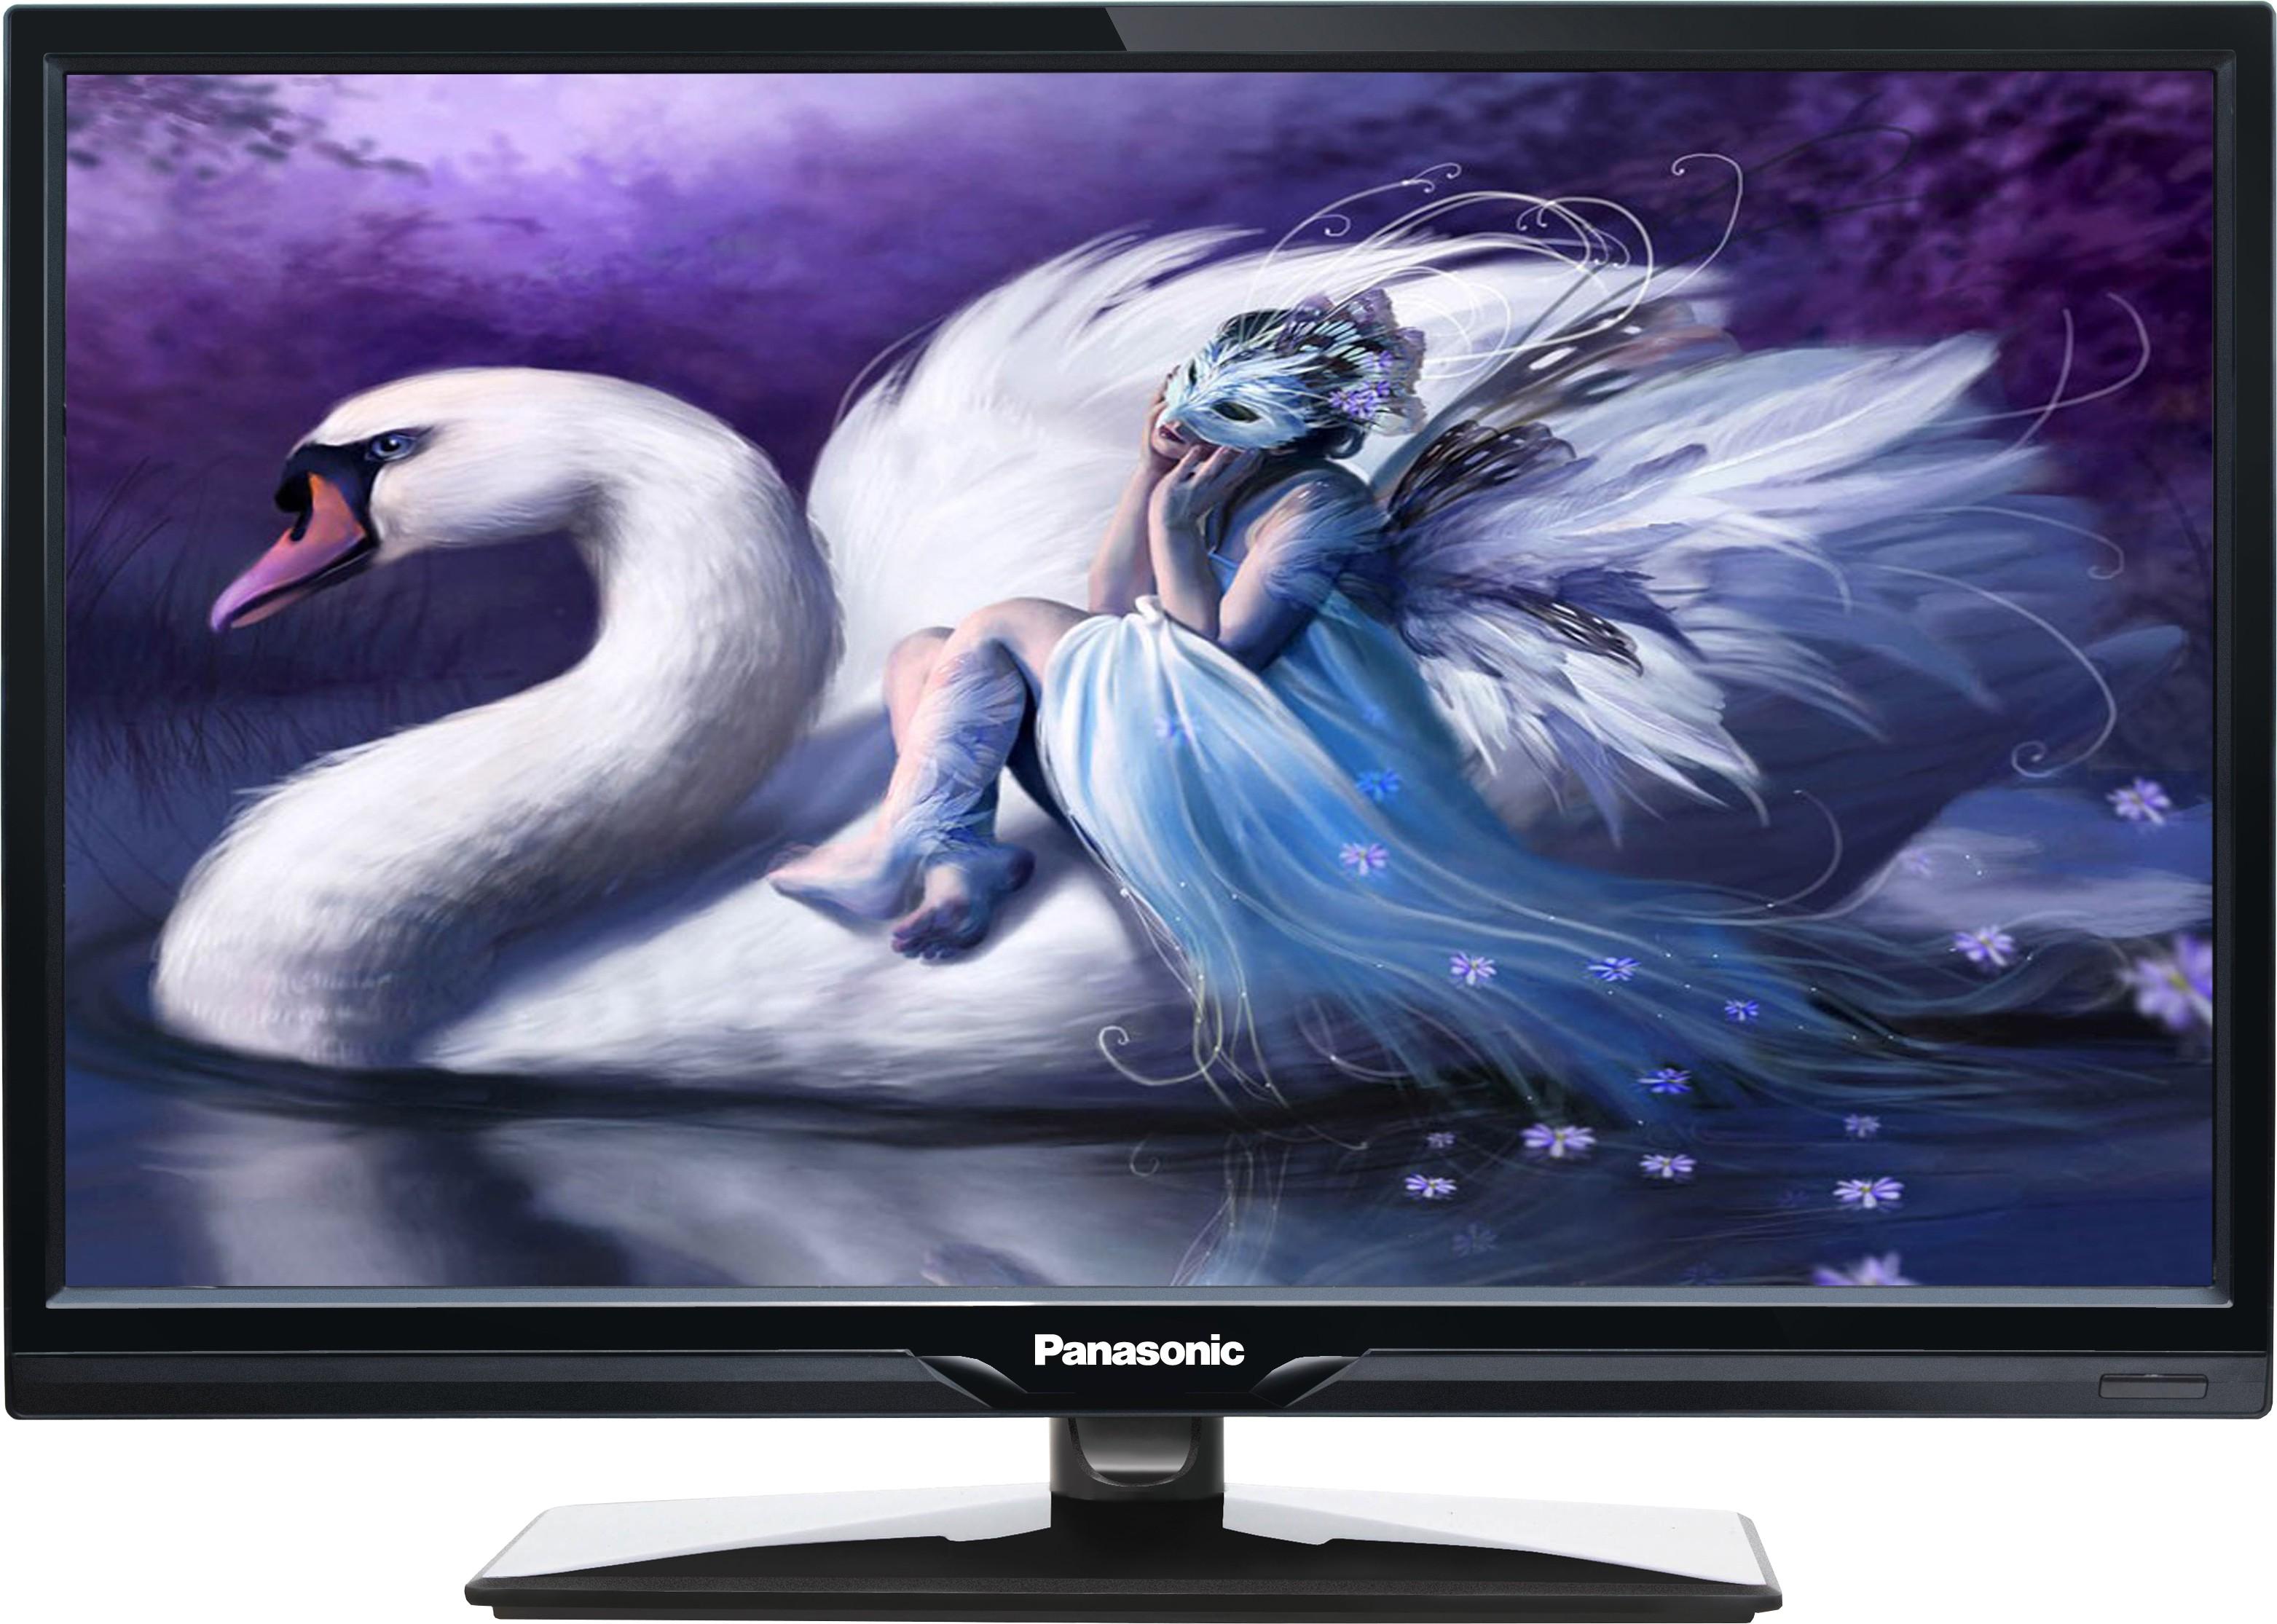 Panasonic 23A403DX (23) LED TV